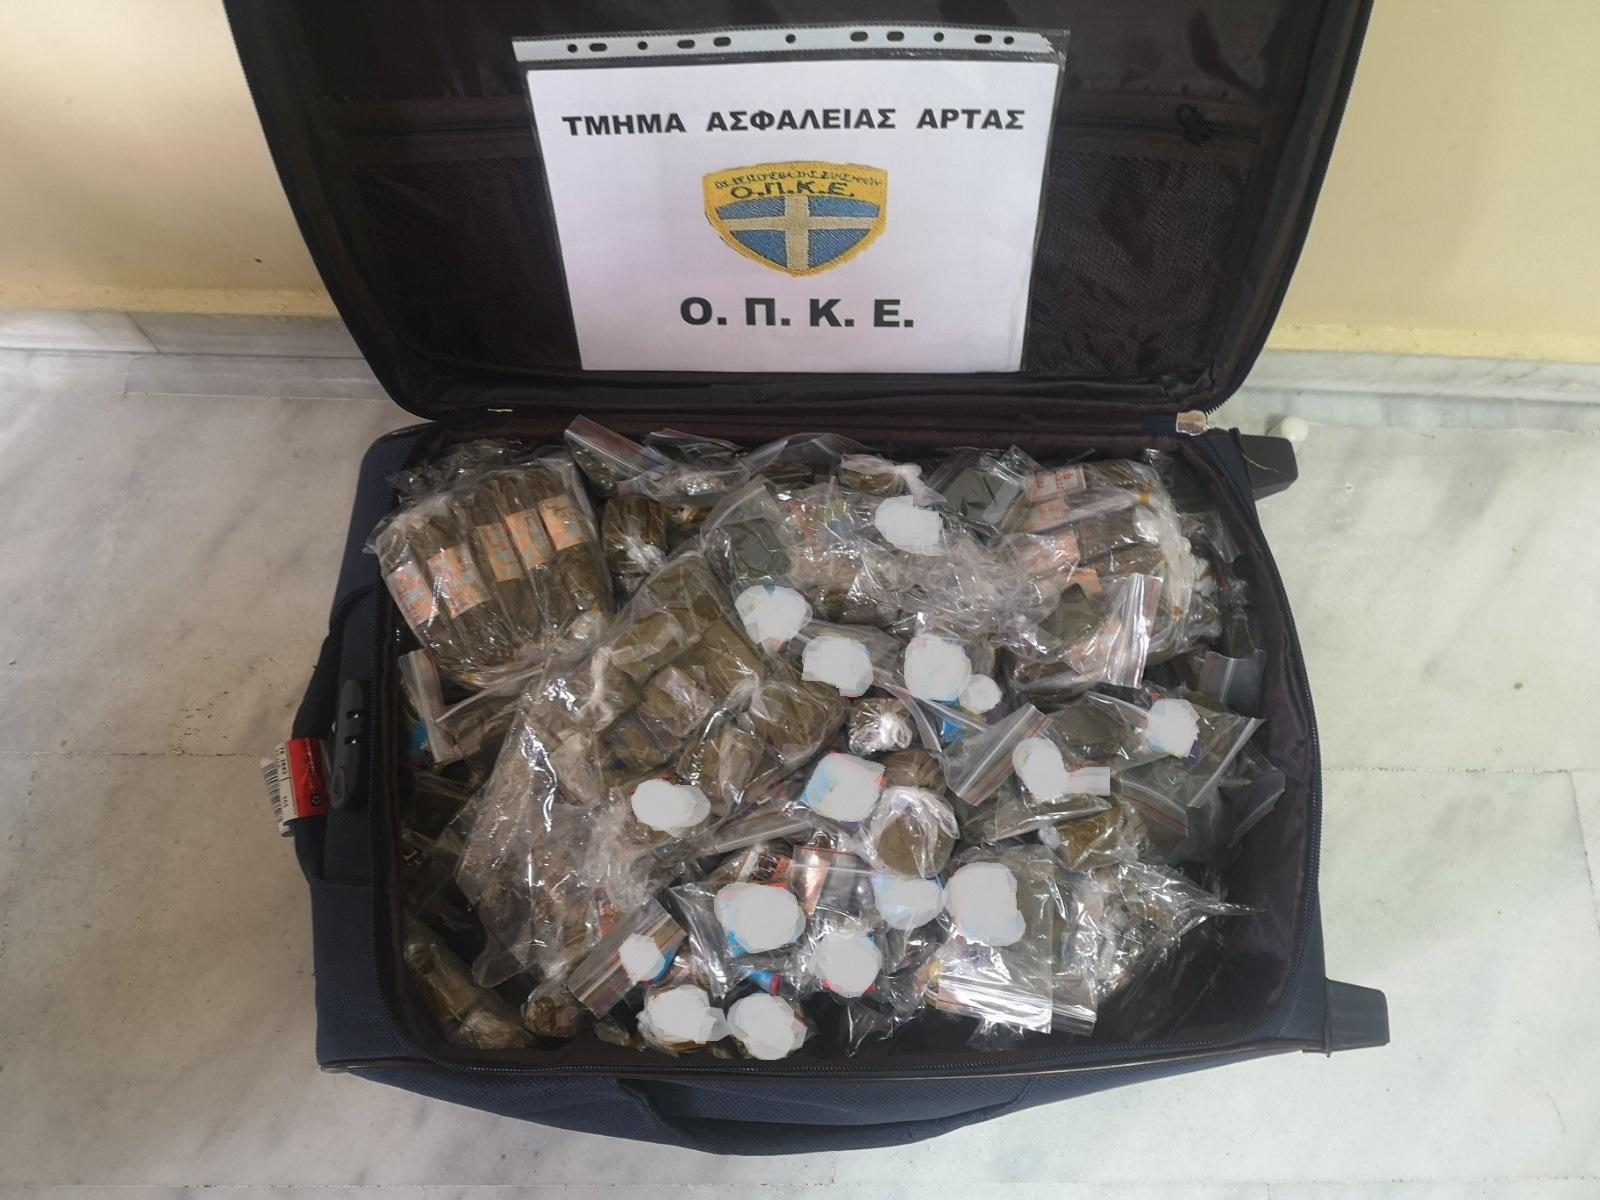 Άρτα: Συνελήφθη για λαθρεμπόριο καπνικών προϊόντων